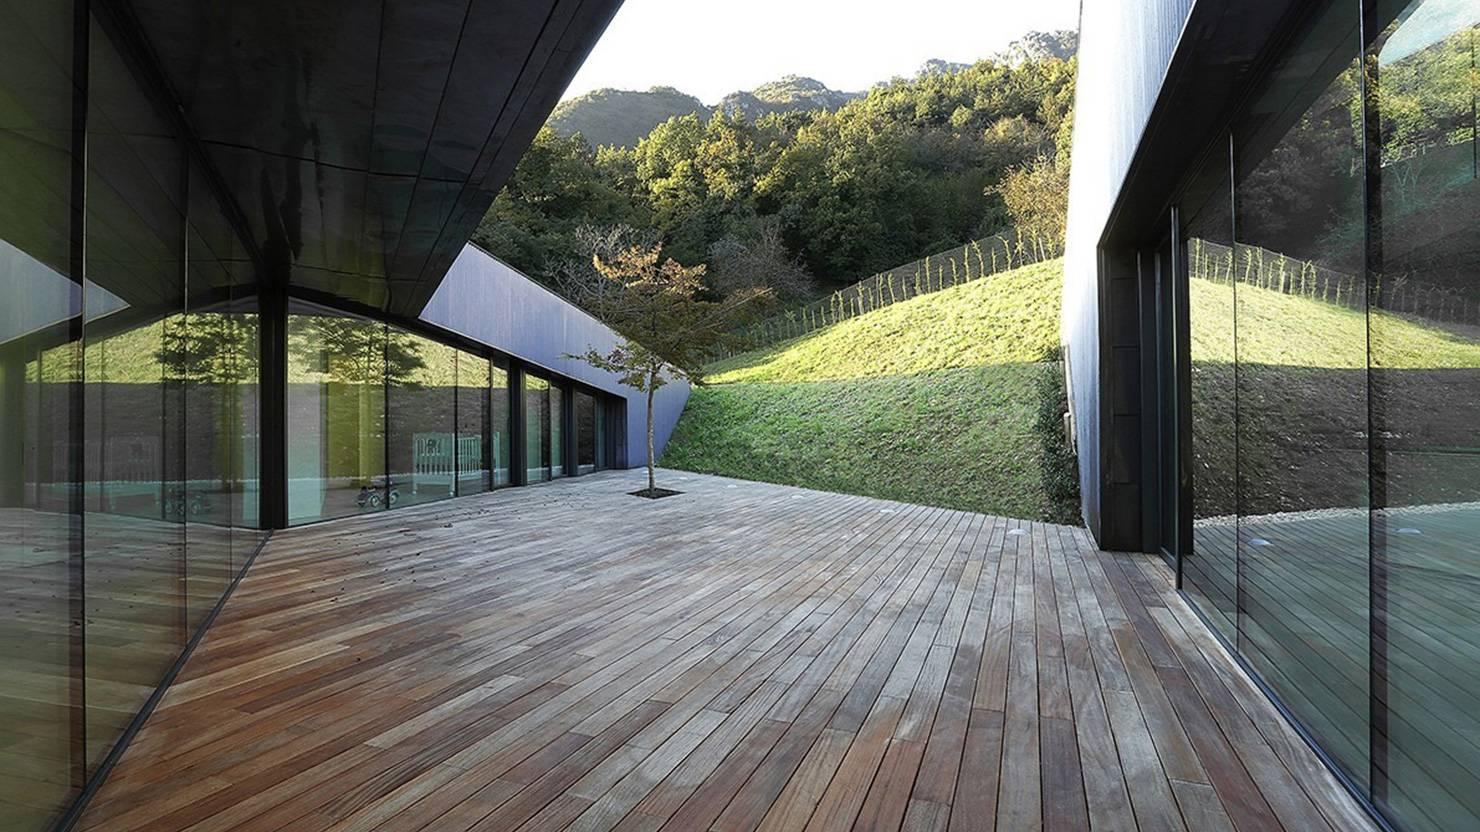 acciaio-zincato-serramenti-camillo-botticini-architect-villa-alps-4_project_big